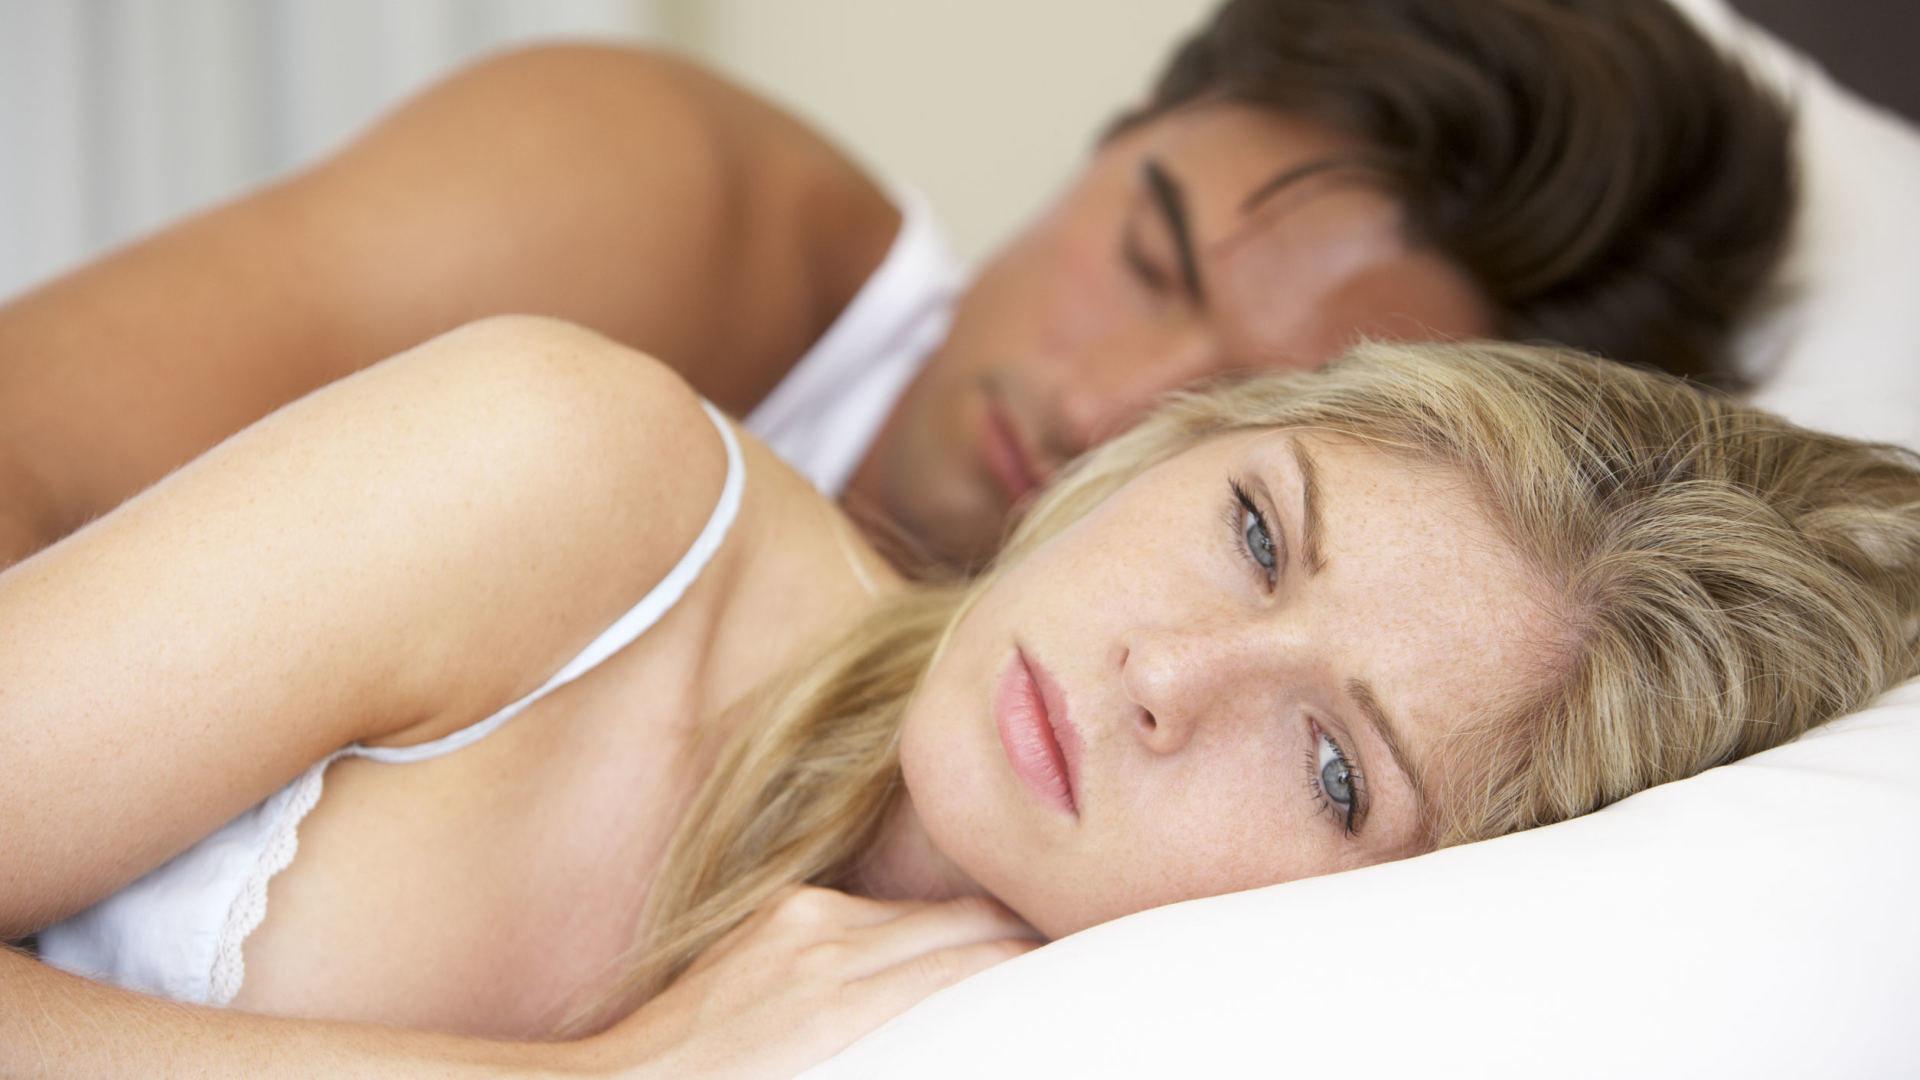 erekcijos sumažėjimo lytinio akto metu priežastis nario padidejimas yra efektyviausias budas